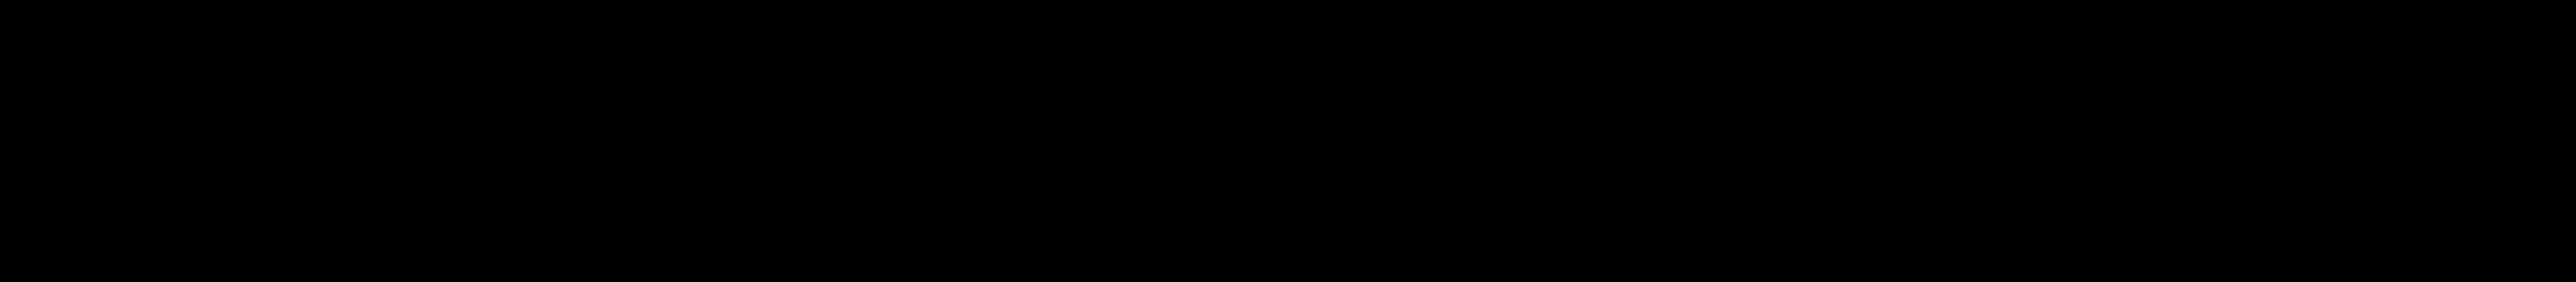 全音符の「ソファミレド」の楽譜